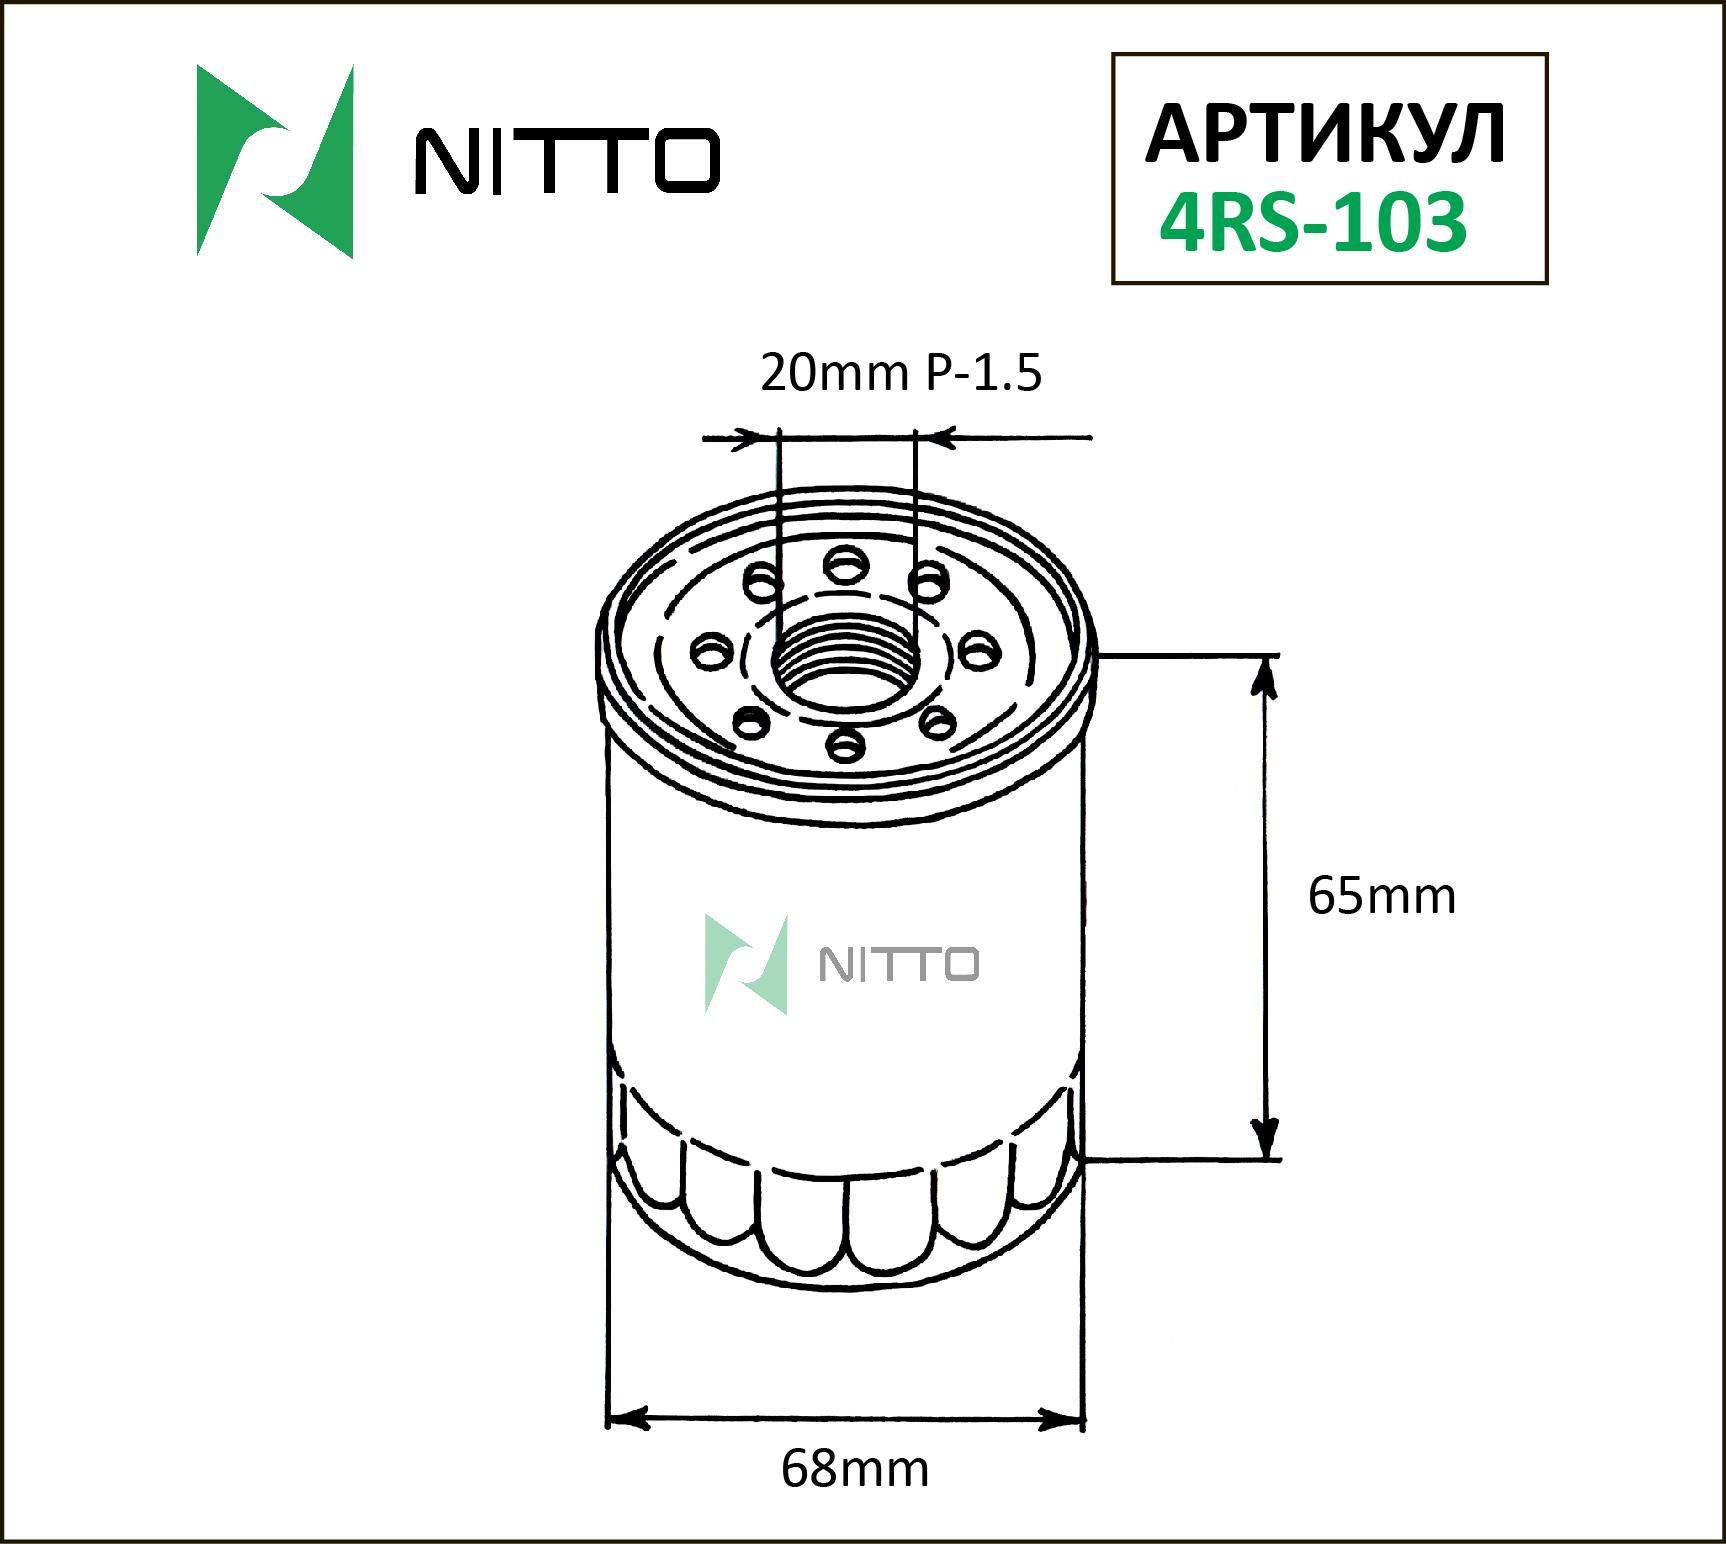 NITTO 4RS103 | Фильтр масляный Nitto | Купить в интернет-магазине Макс-Плюс: Автозапчасти в наличии и под заказ